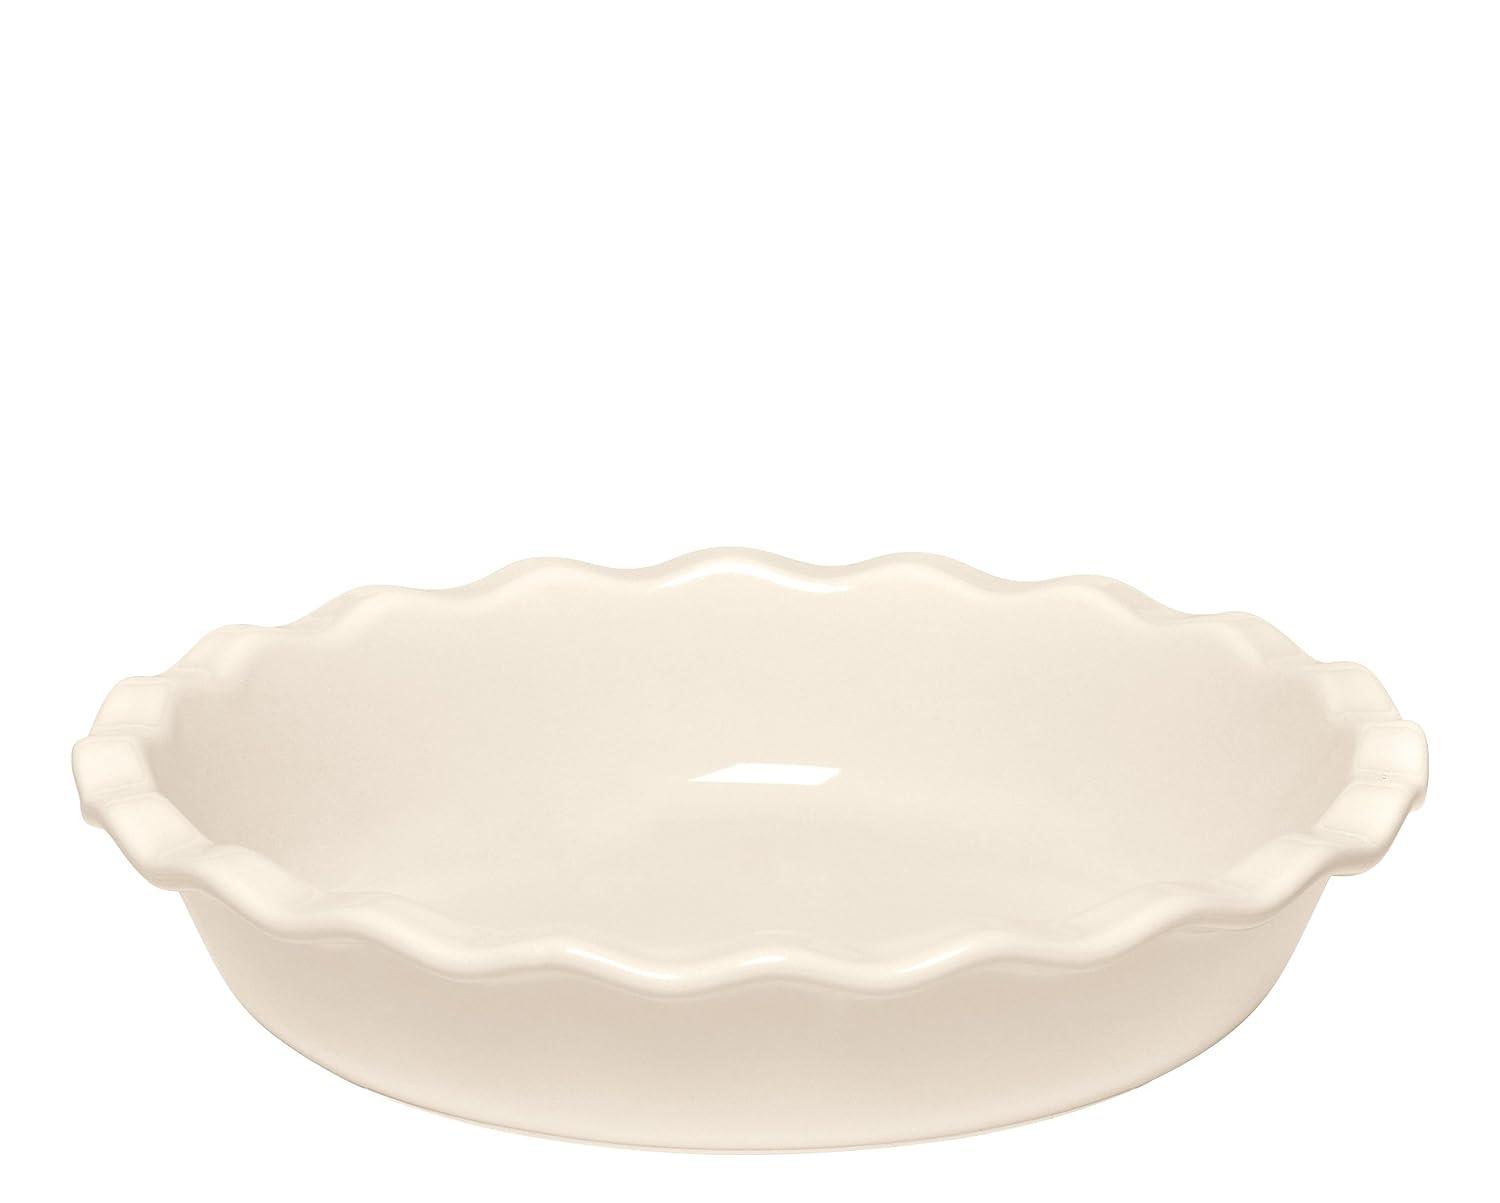 Emile Henry 91026131 Pie Dish 26cm/10-Inch 1.4L/1.5qt, Argile EH026131